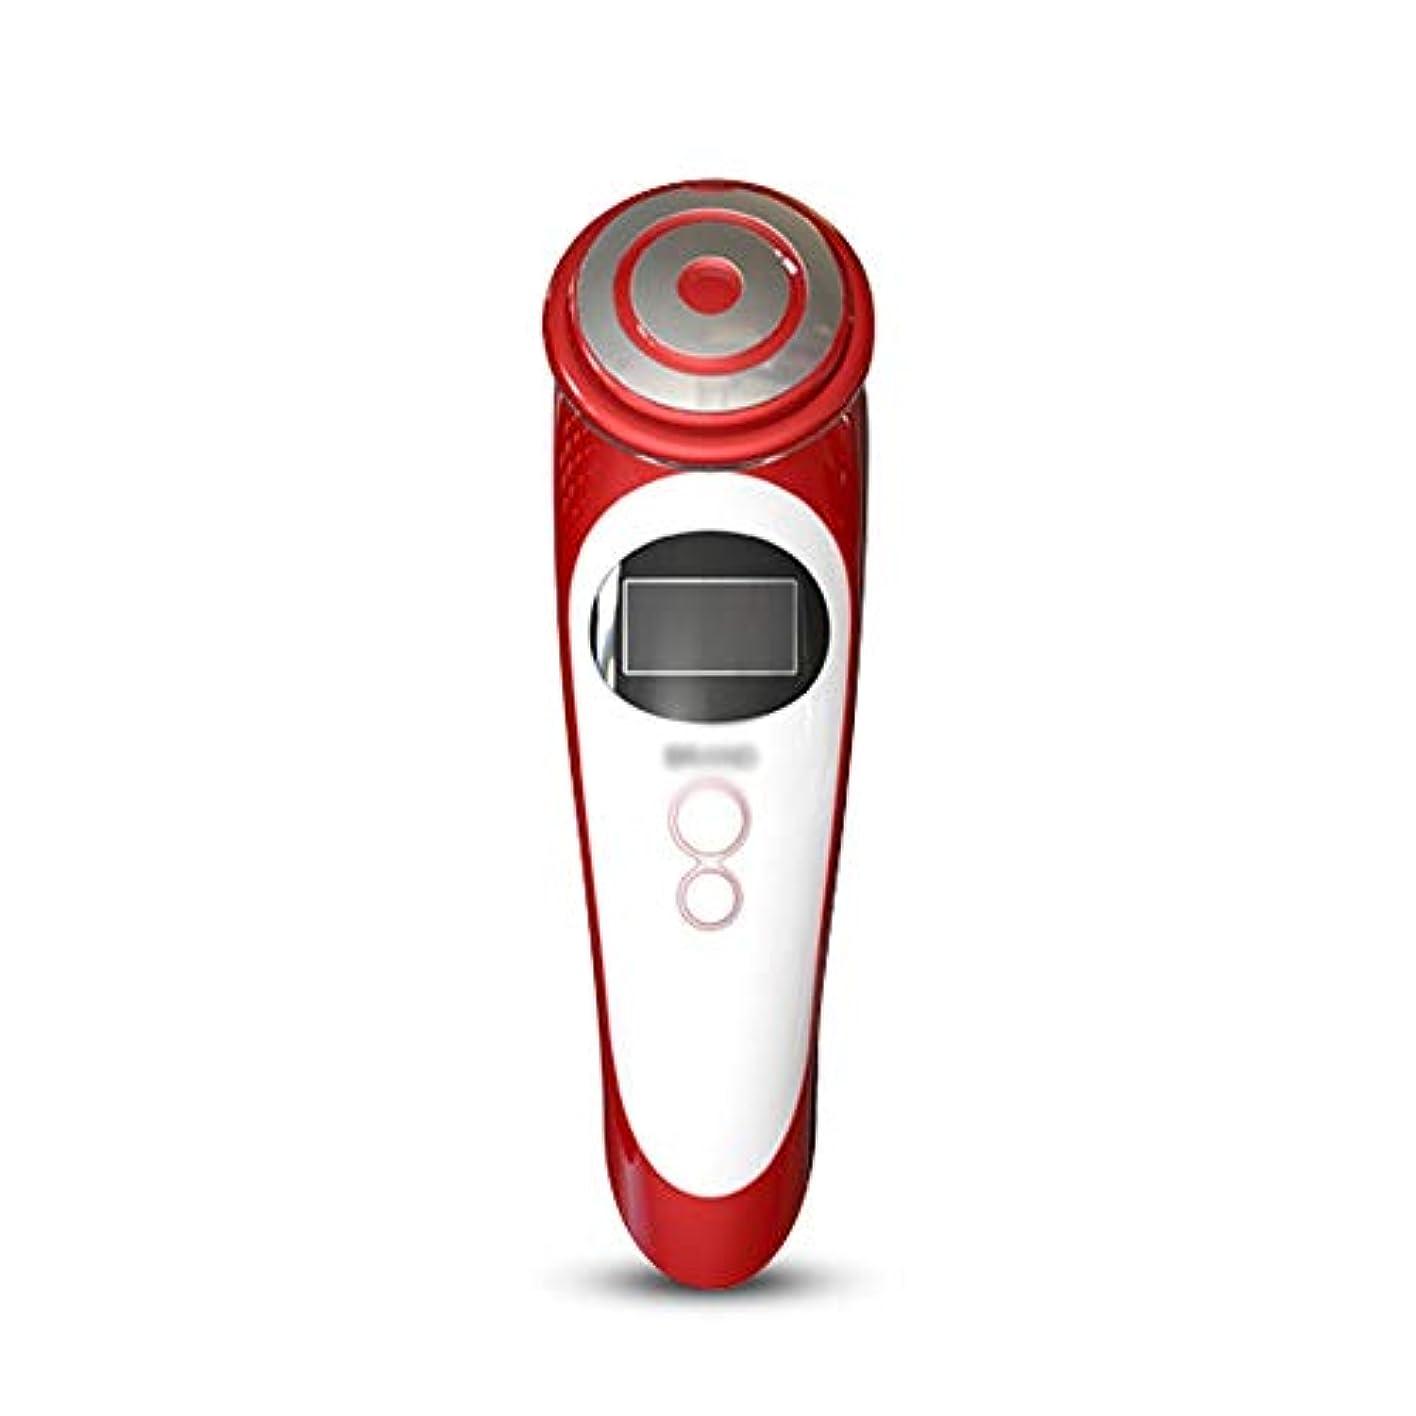 氏前書き熱心ZYL-YL 美顔器 RFボーテ 多機能 LEDカラーライト 美容機器 無線周波数スキン ラジオ波 EMS LED 毛穴 たるみ 目元ケア 小顔